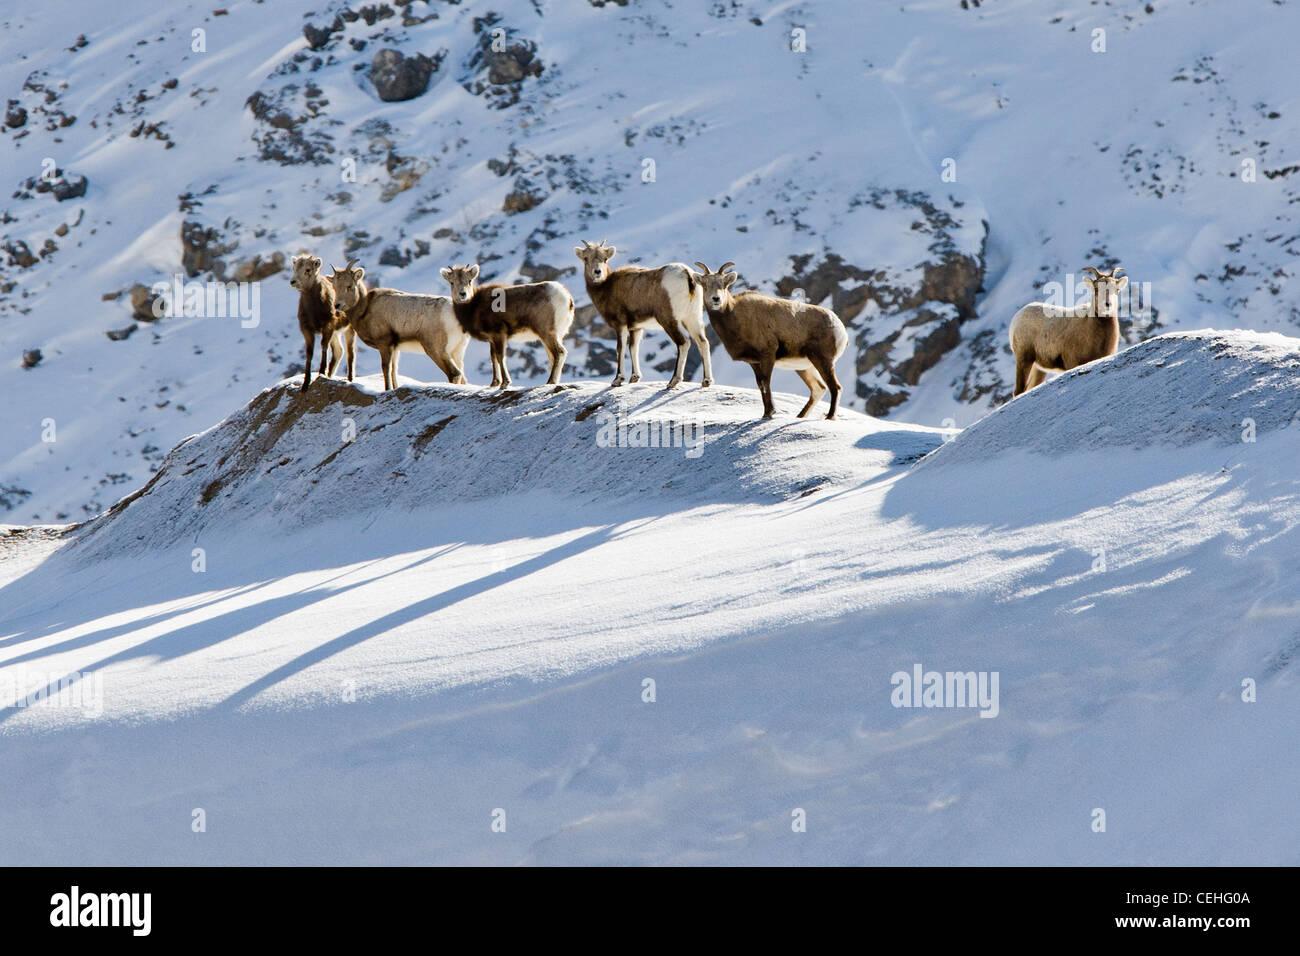 Rocky Mountain borrego cimarrón Ovis canadensis, en invierno, Monarch Pass, Colorado, EE.UU. Foto de stock